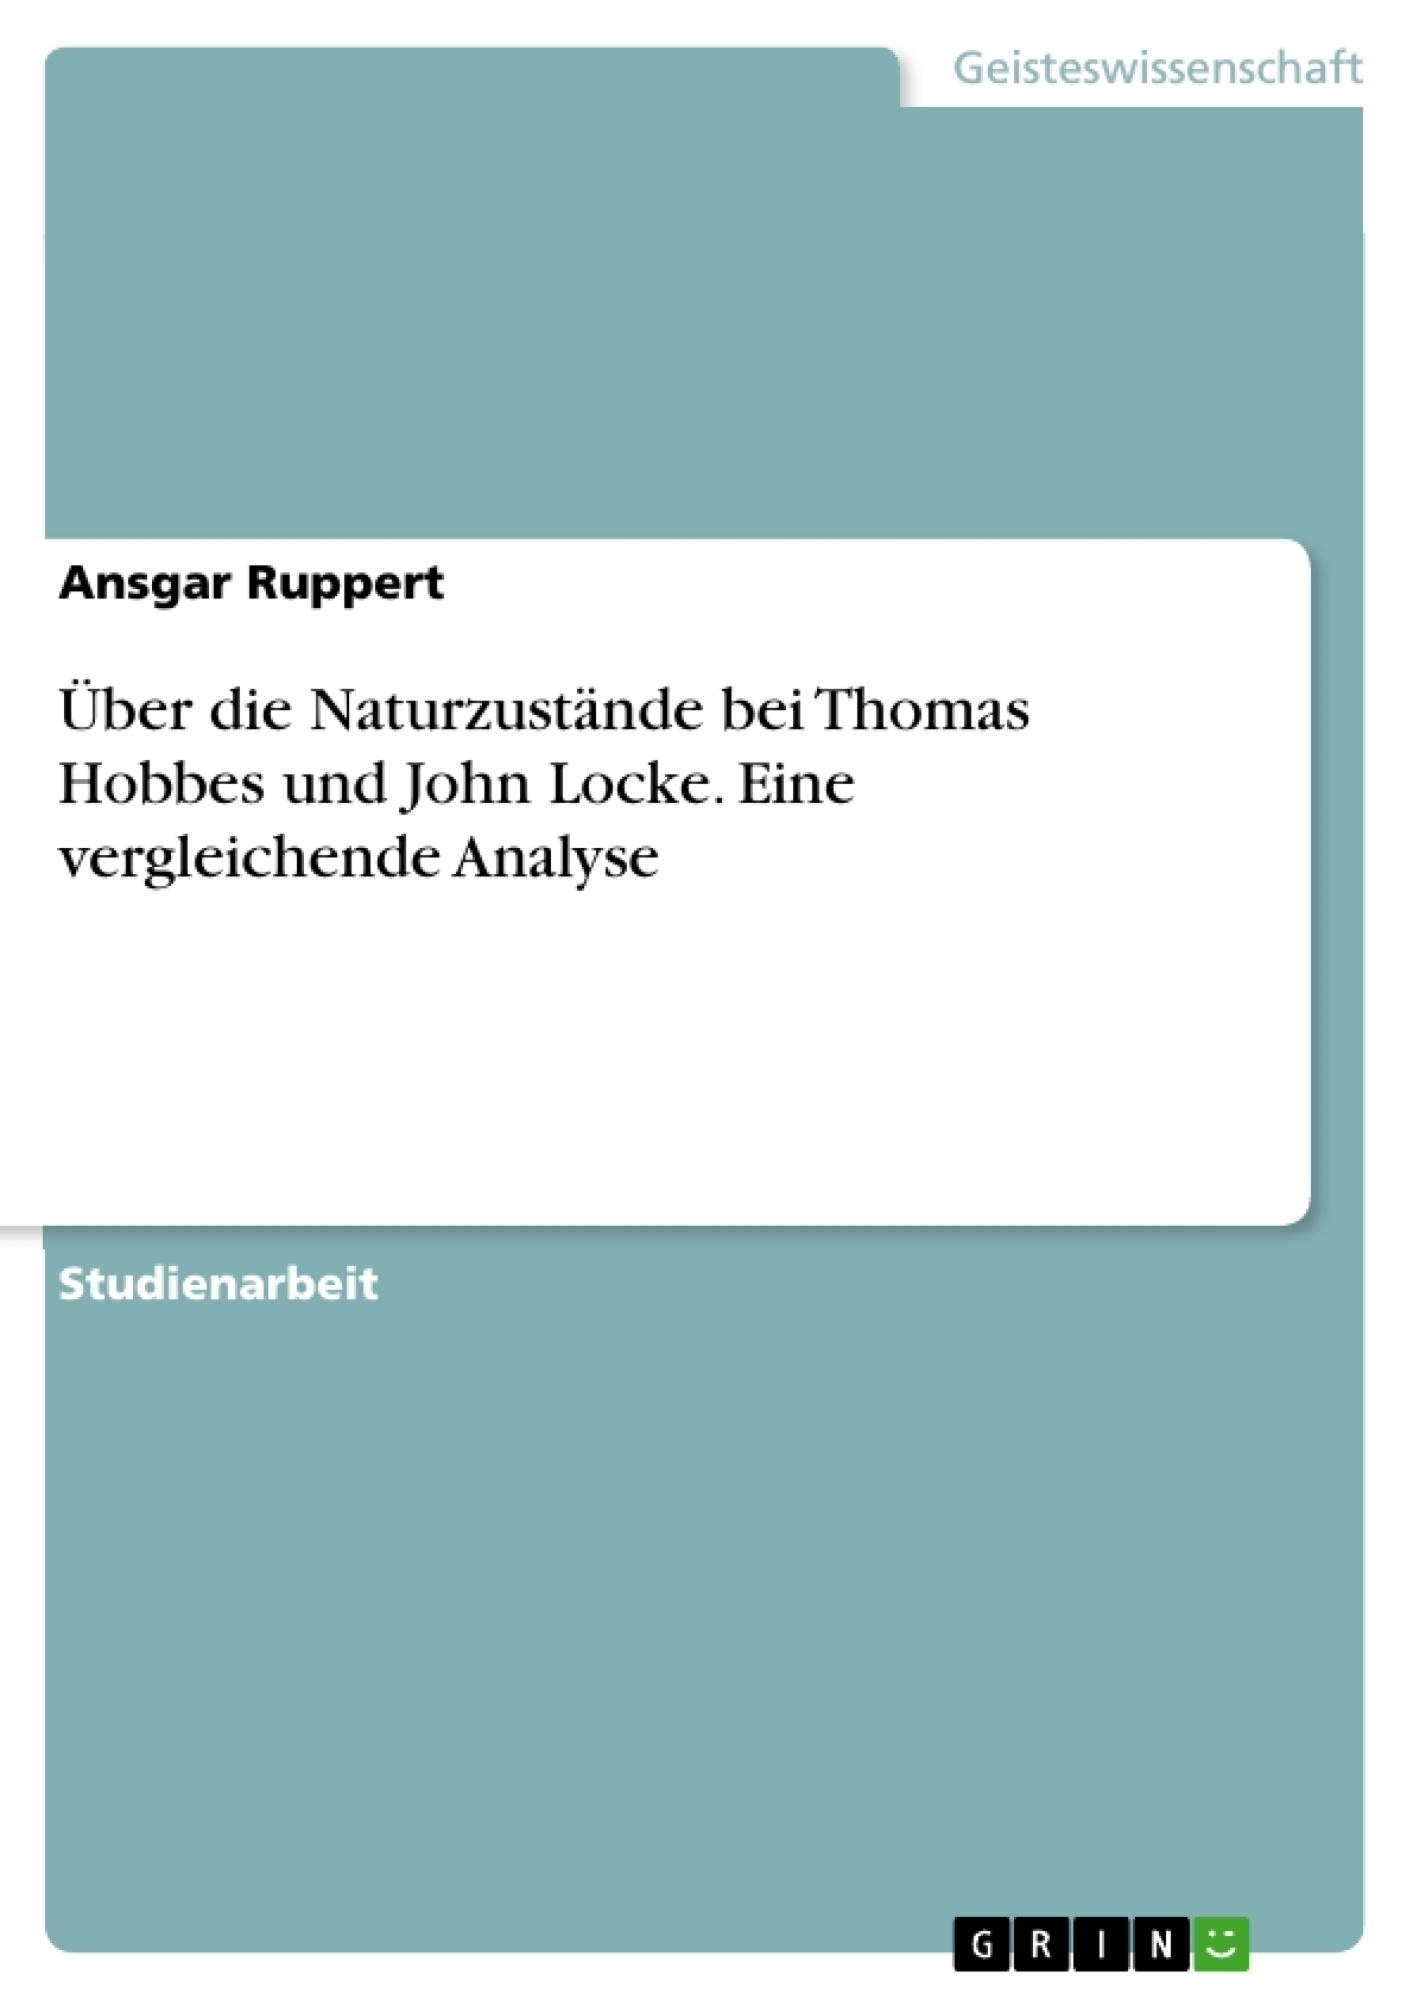 Titel: Über die Naturzustände bei Thomas Hobbes und John Locke. Eine vergleichende Analyse